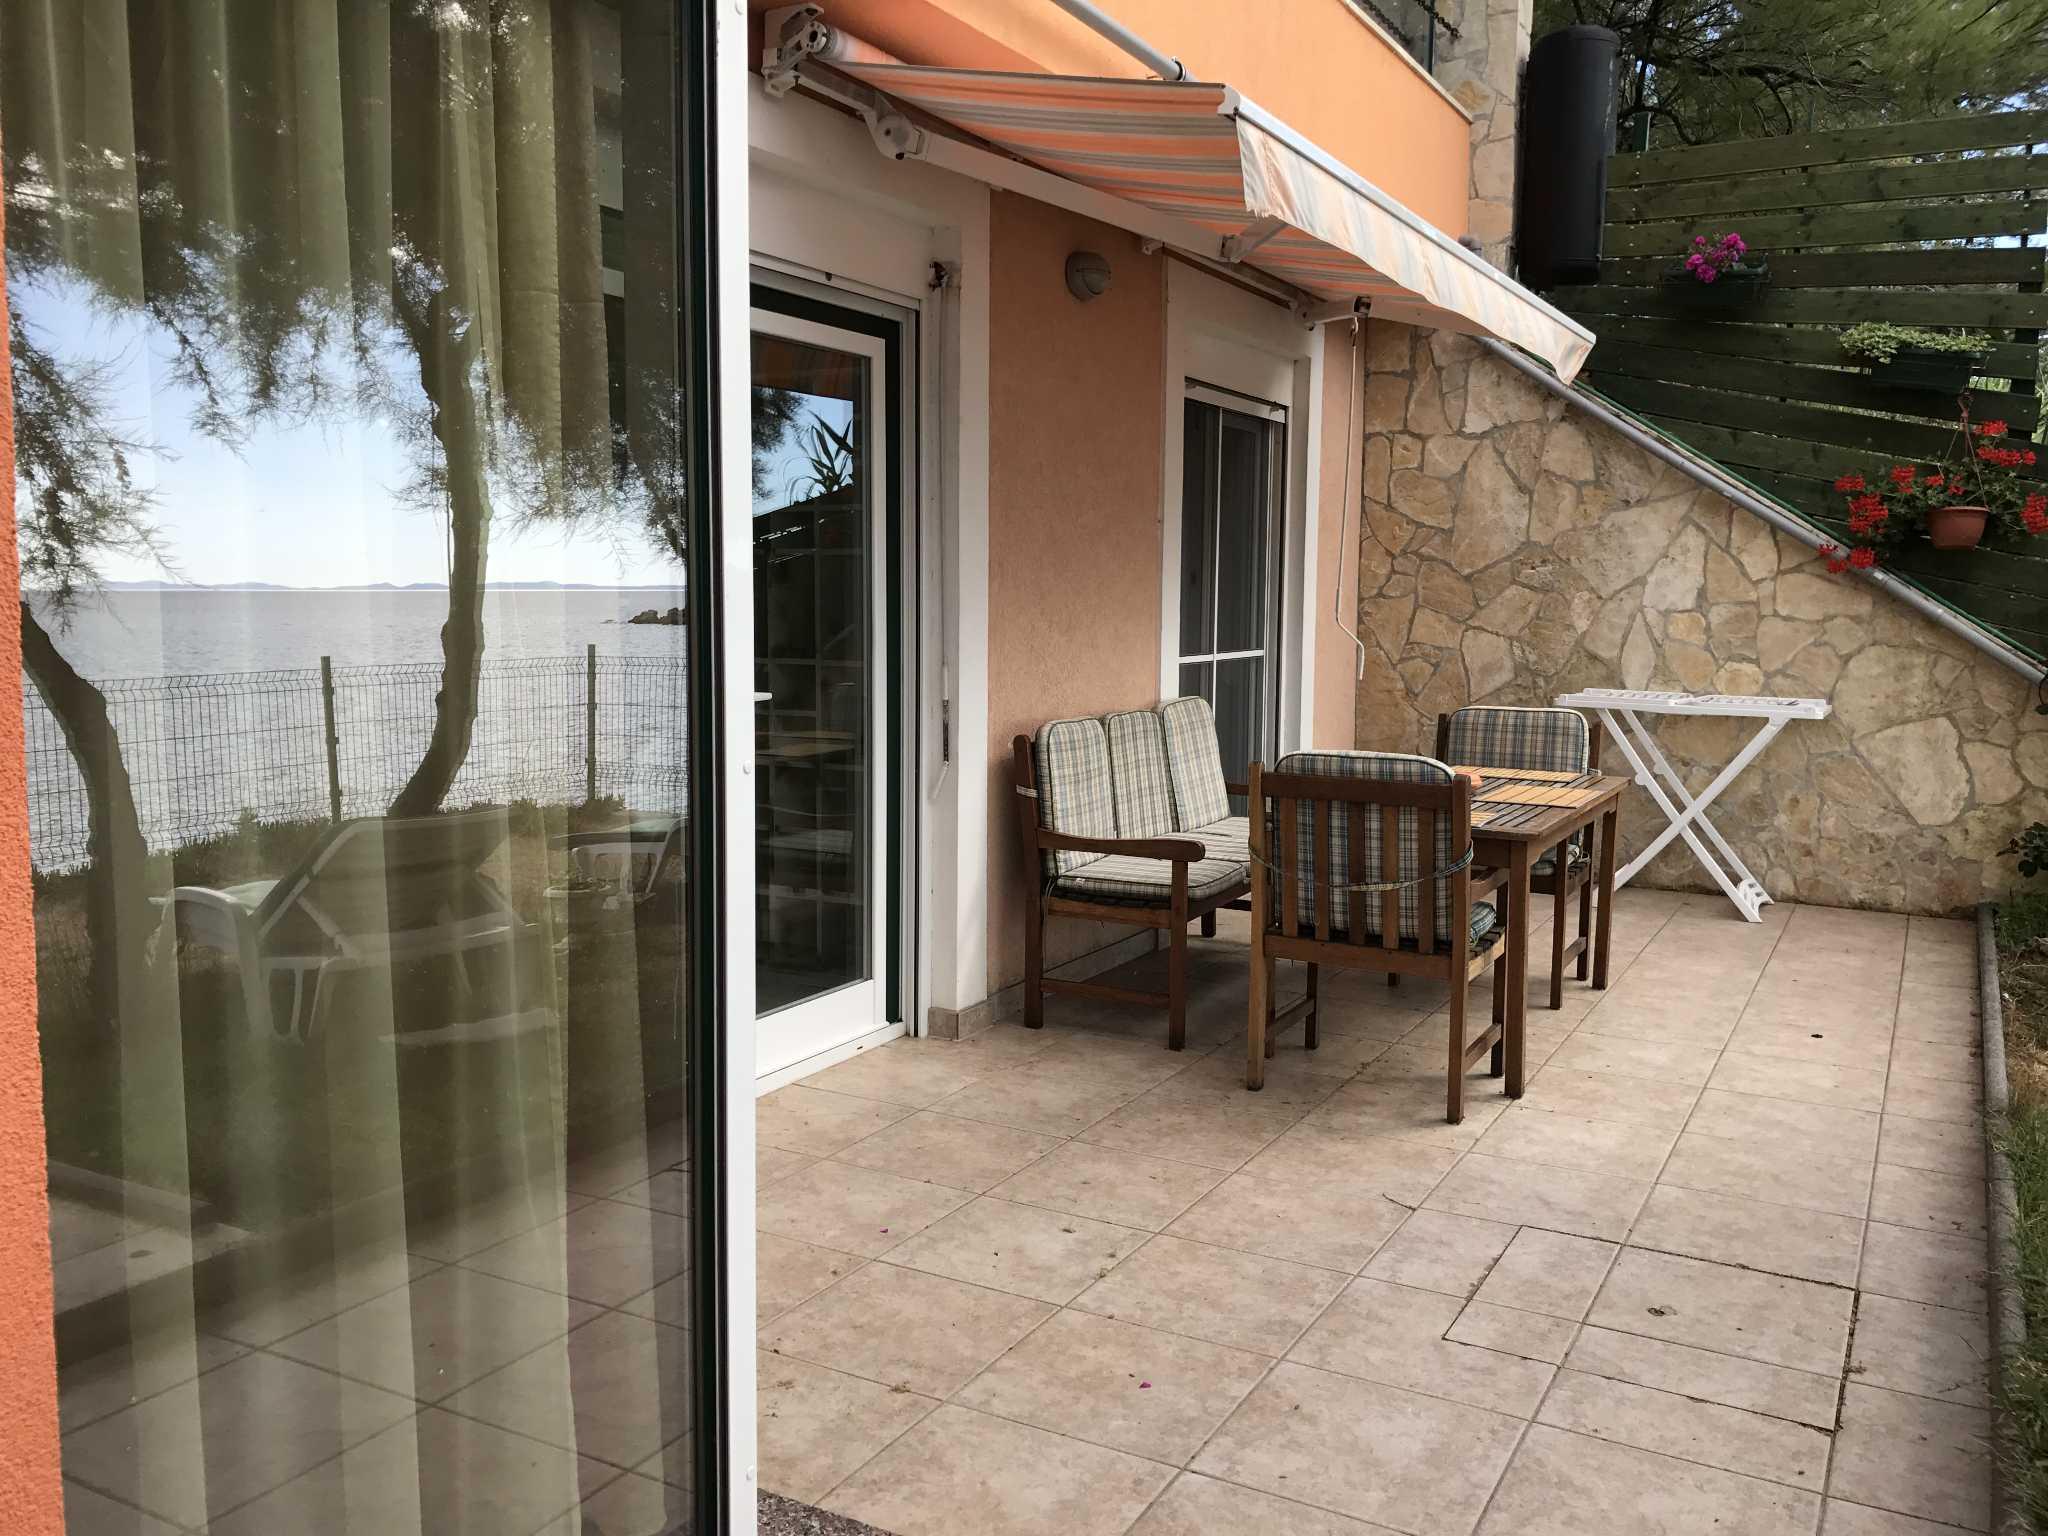 Zusatzbild Nr. 05 von Villa Valerija - Untere Wohnung